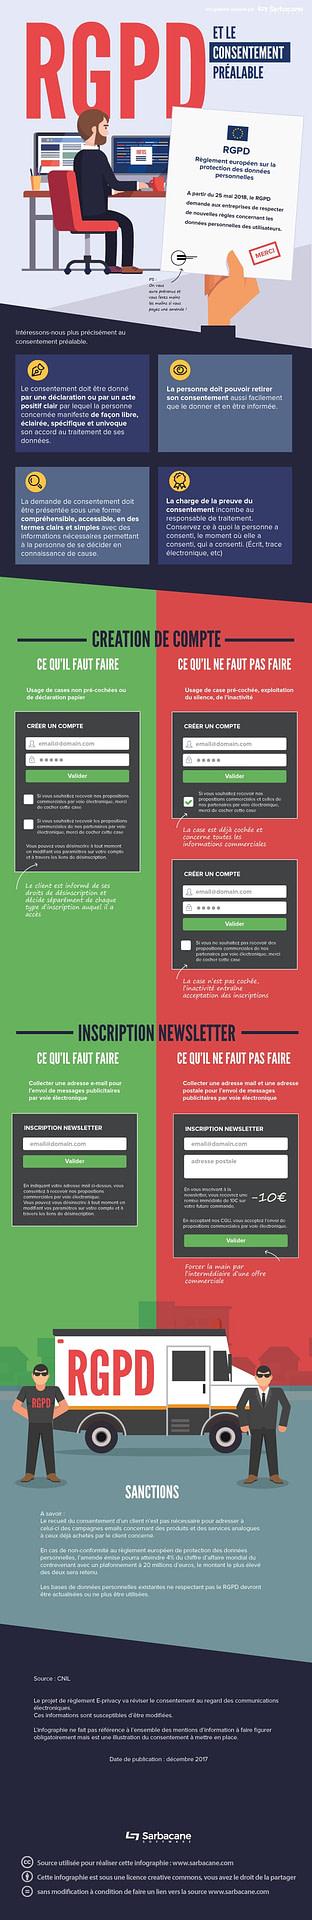 email marketing et RGPD